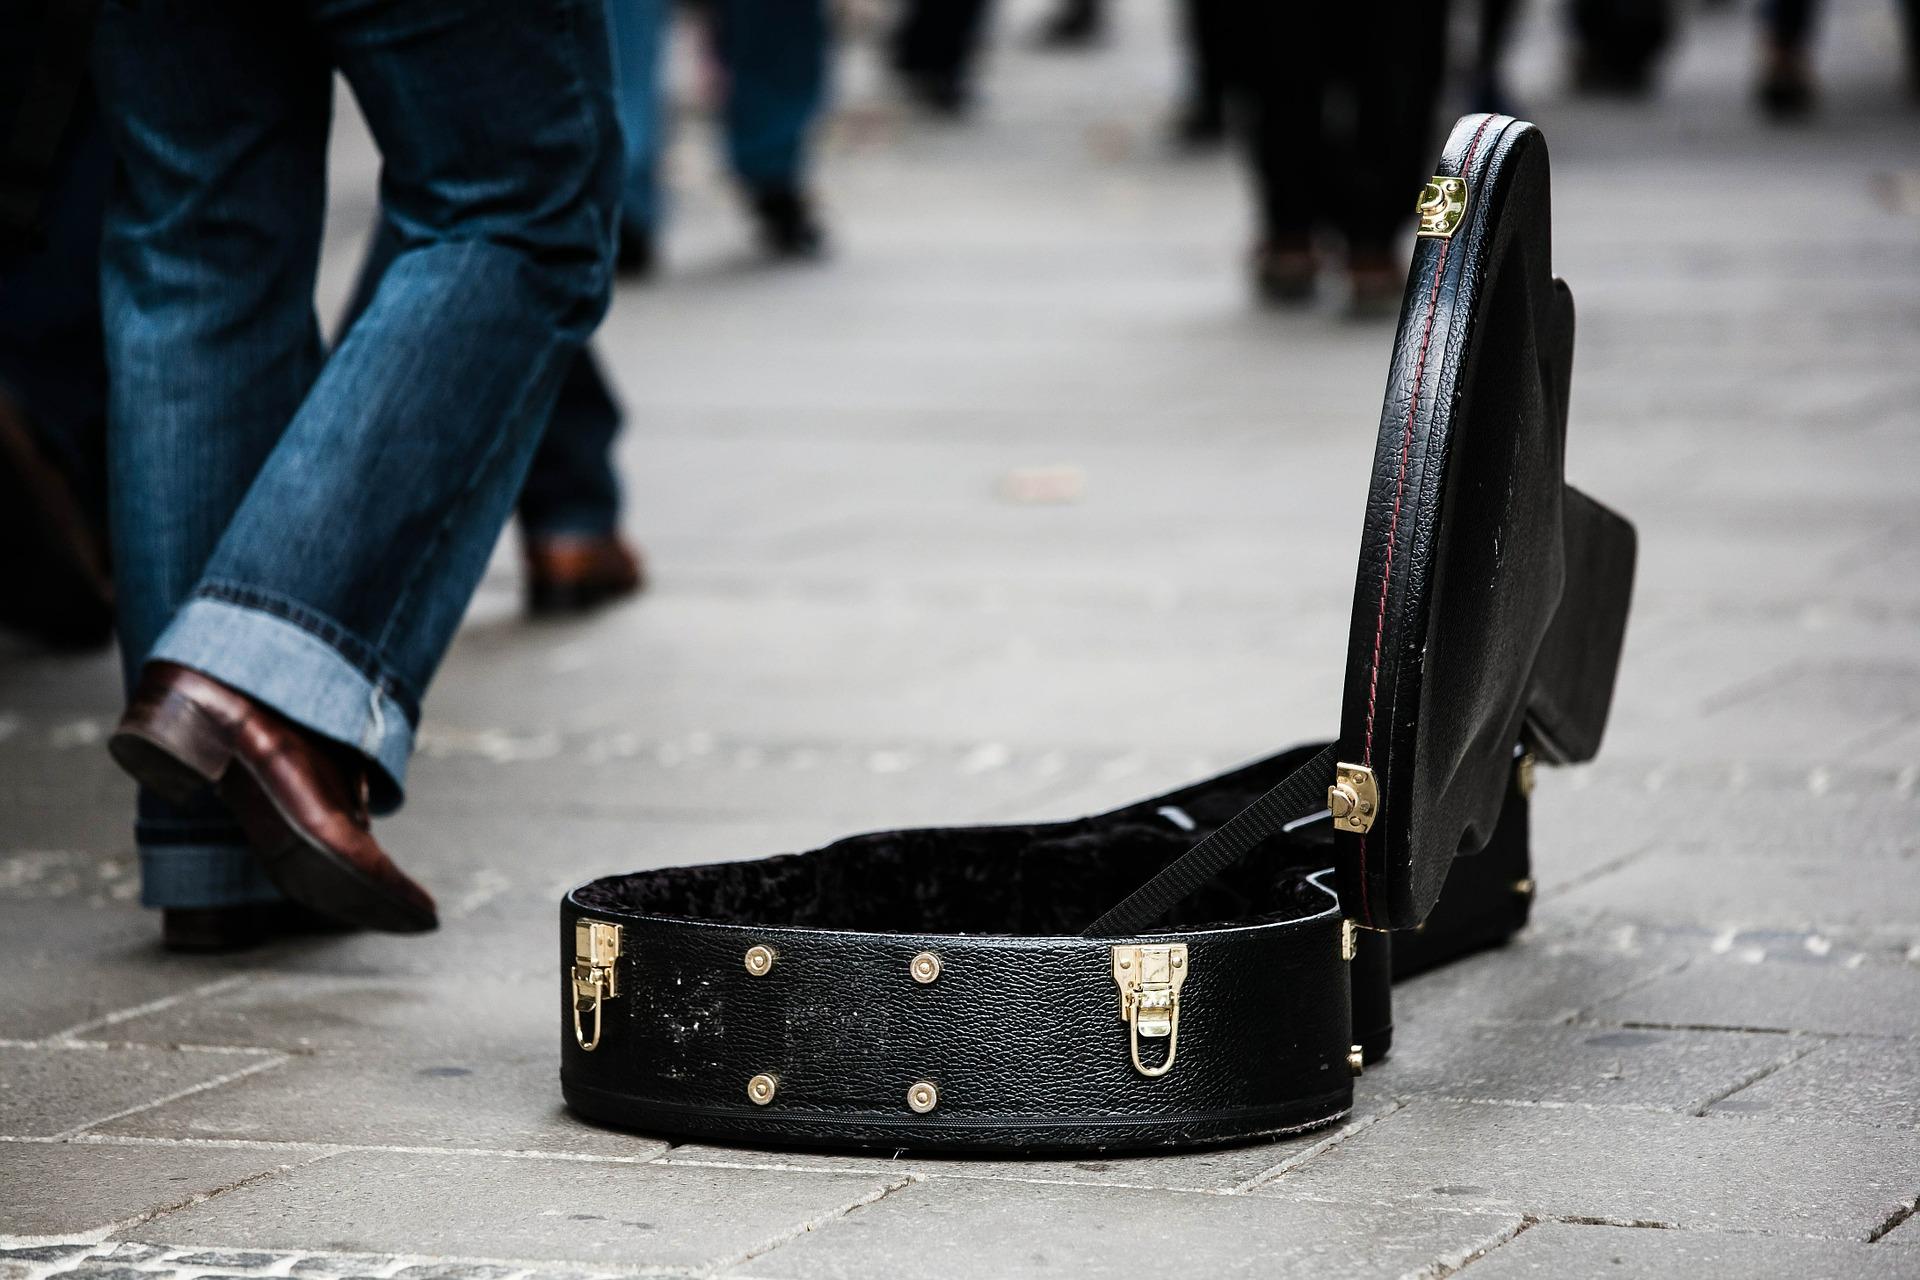 guitar-case-485112_1920